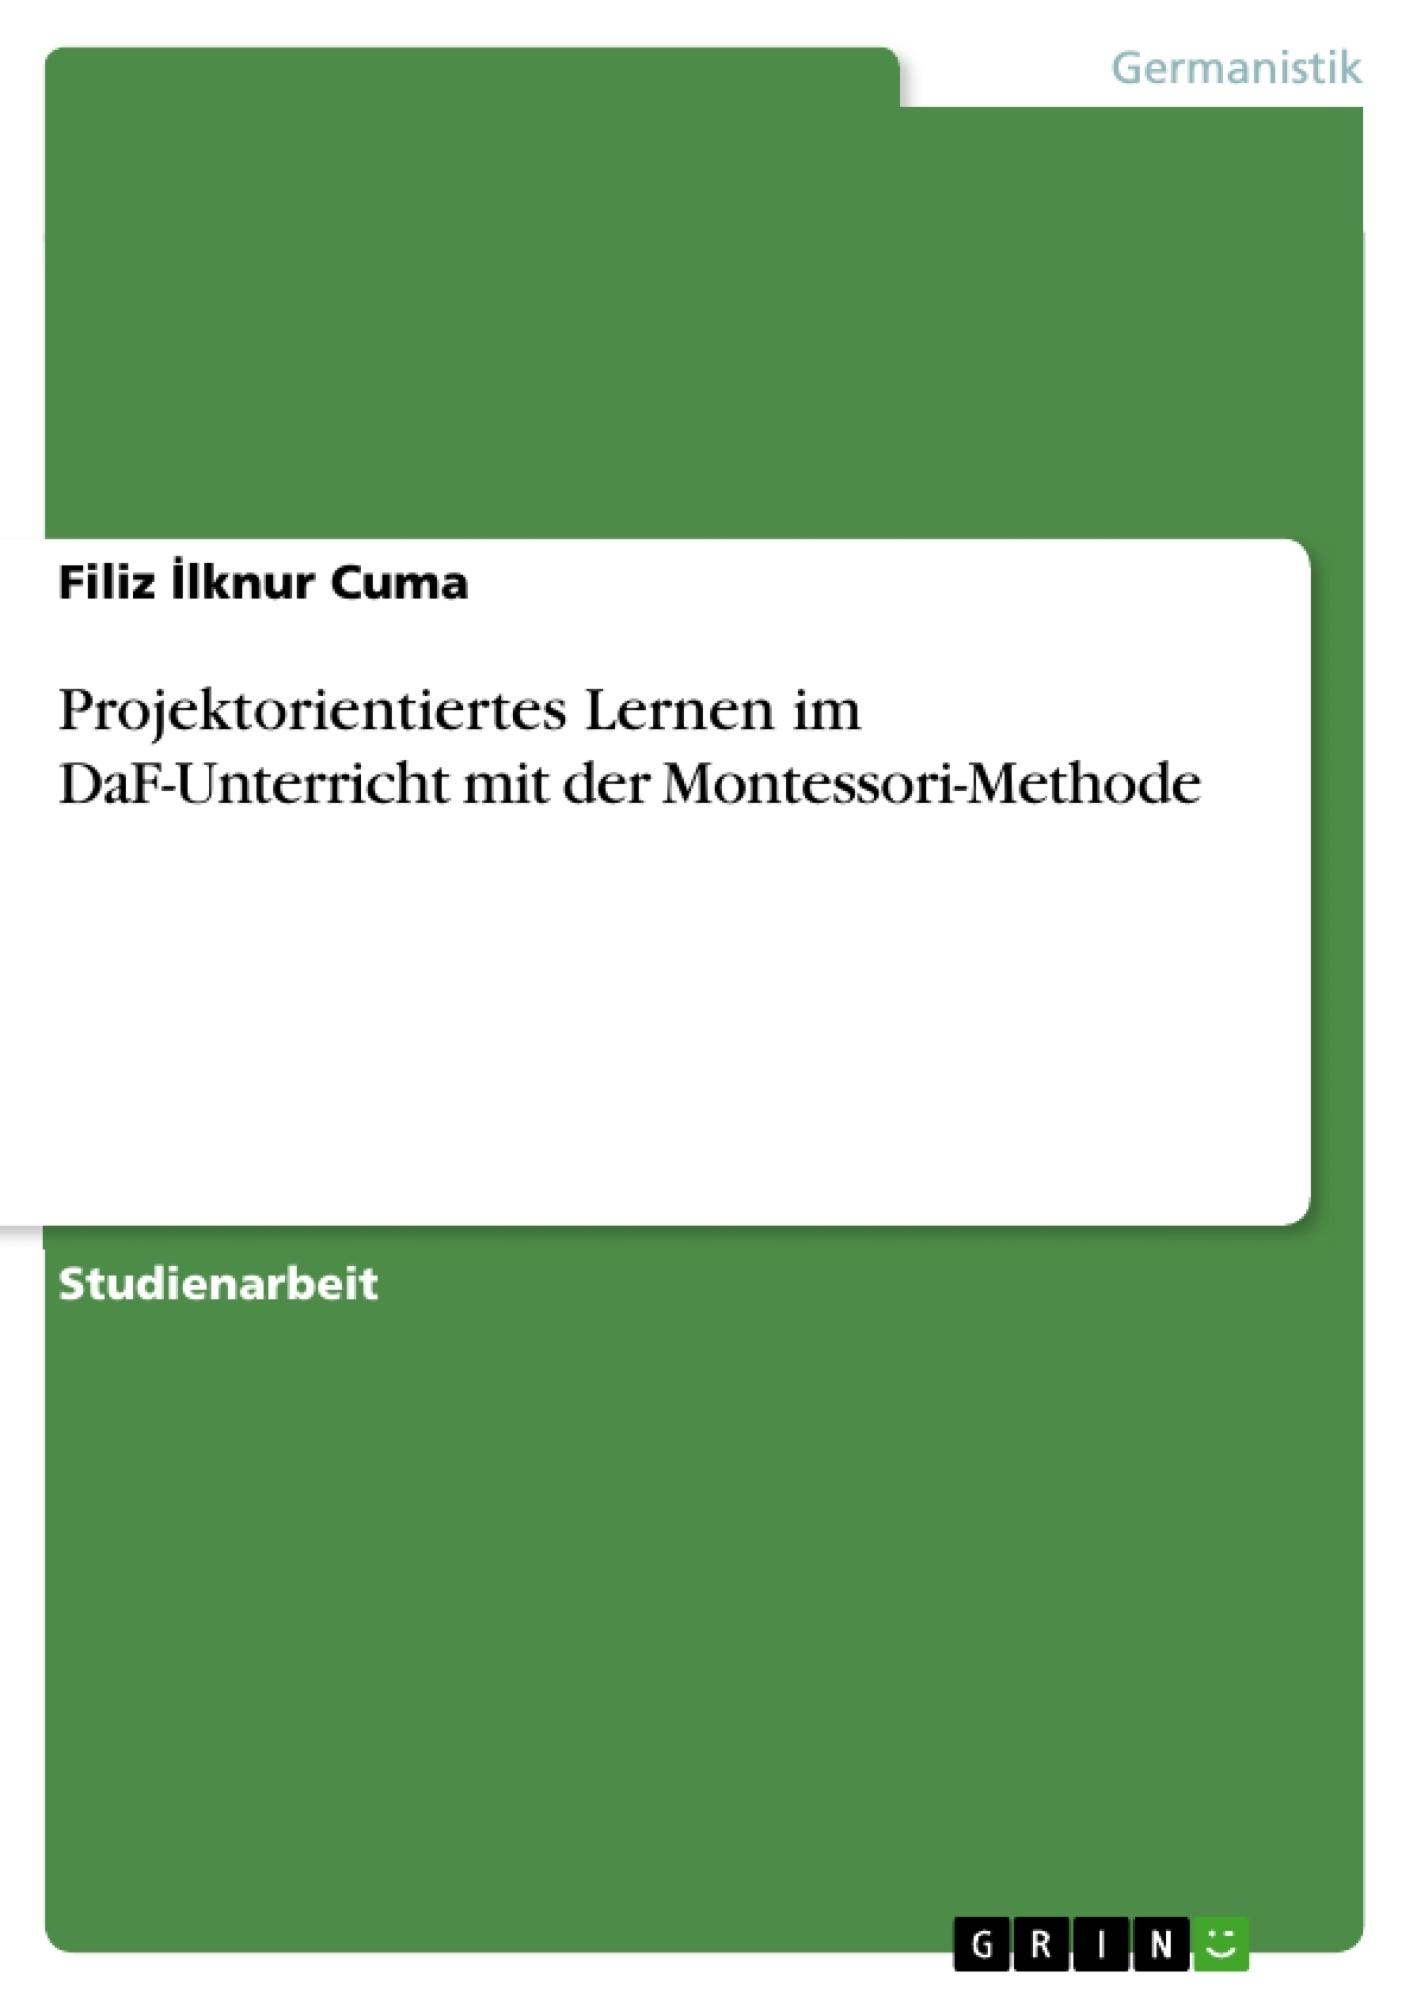 Titel: Projektorientiertes Lernen im DaF-Unterricht mit der Montessori-Methode